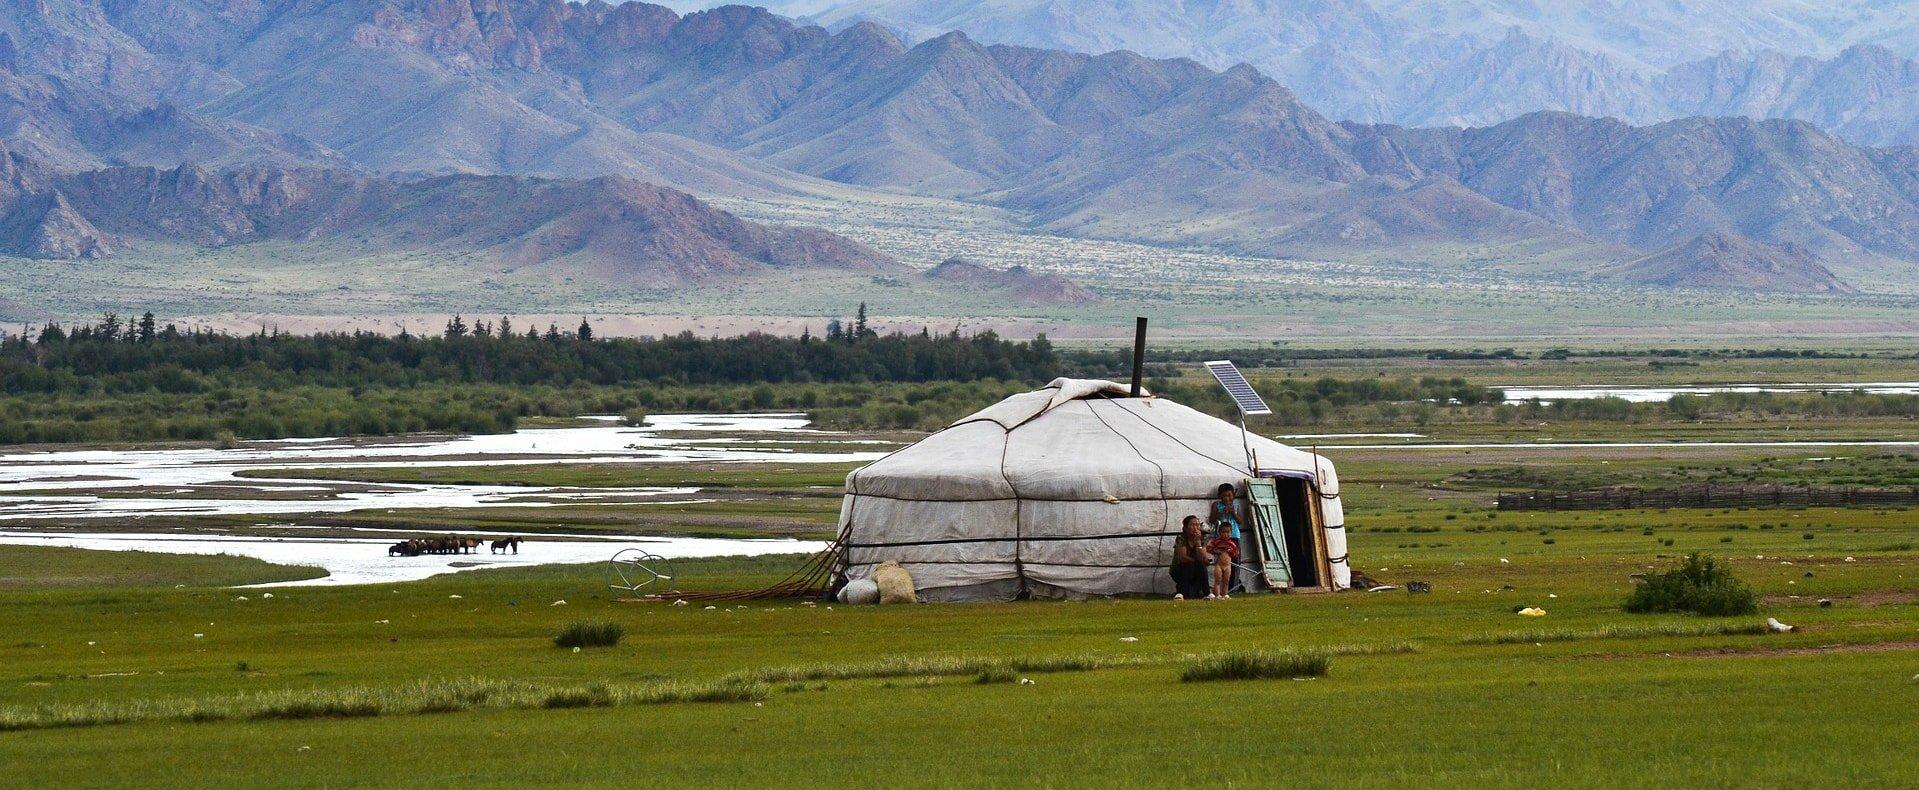 The Altai Republic, Russia